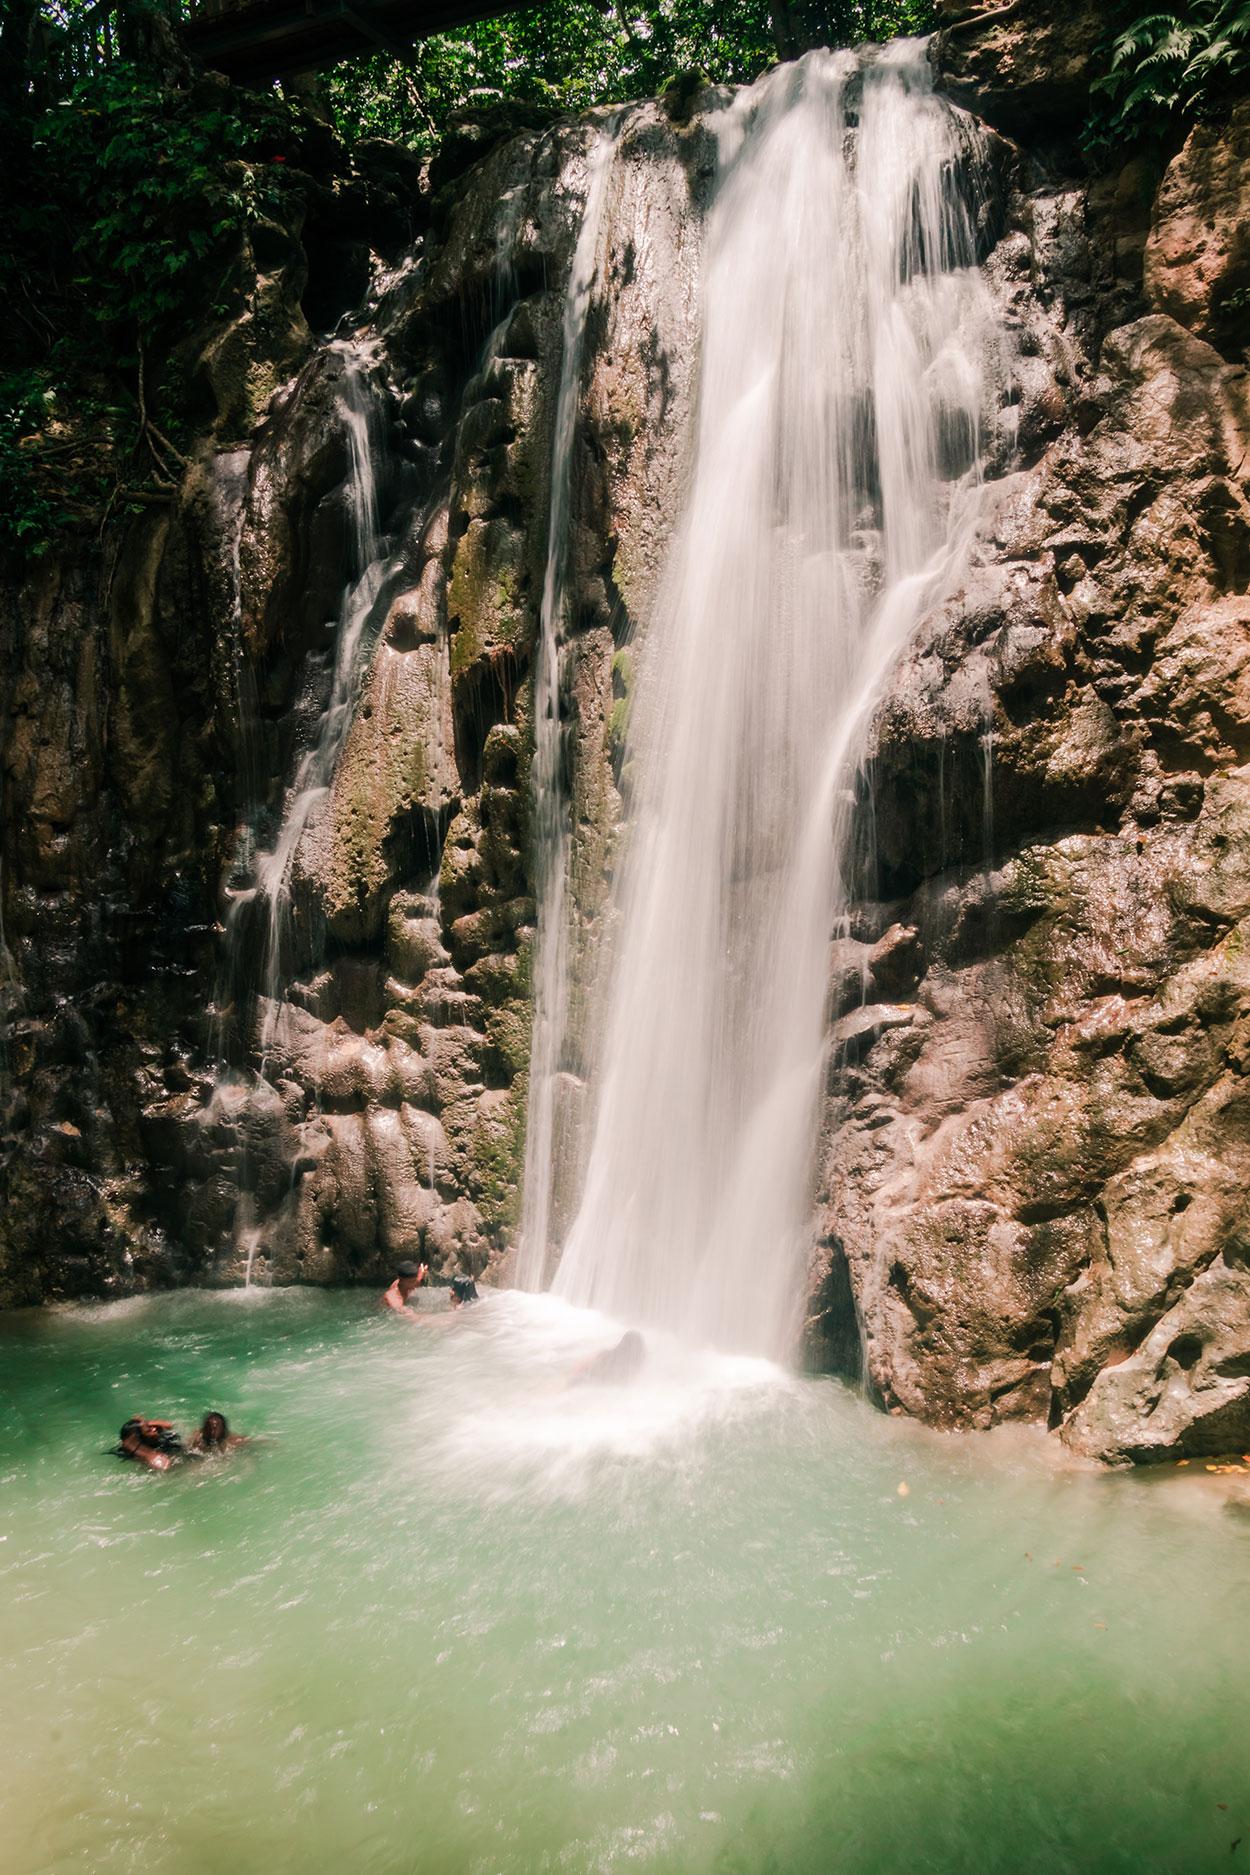 El Saltadero- Esta es nuestra guía completa de viaje a Cabrera y la Laguna Dudú; desde dónde ir, cómo llegar, y presupuesto. Definitivamente, la  República Dominicana lo tiene todo, lo comprobé en este viaje.